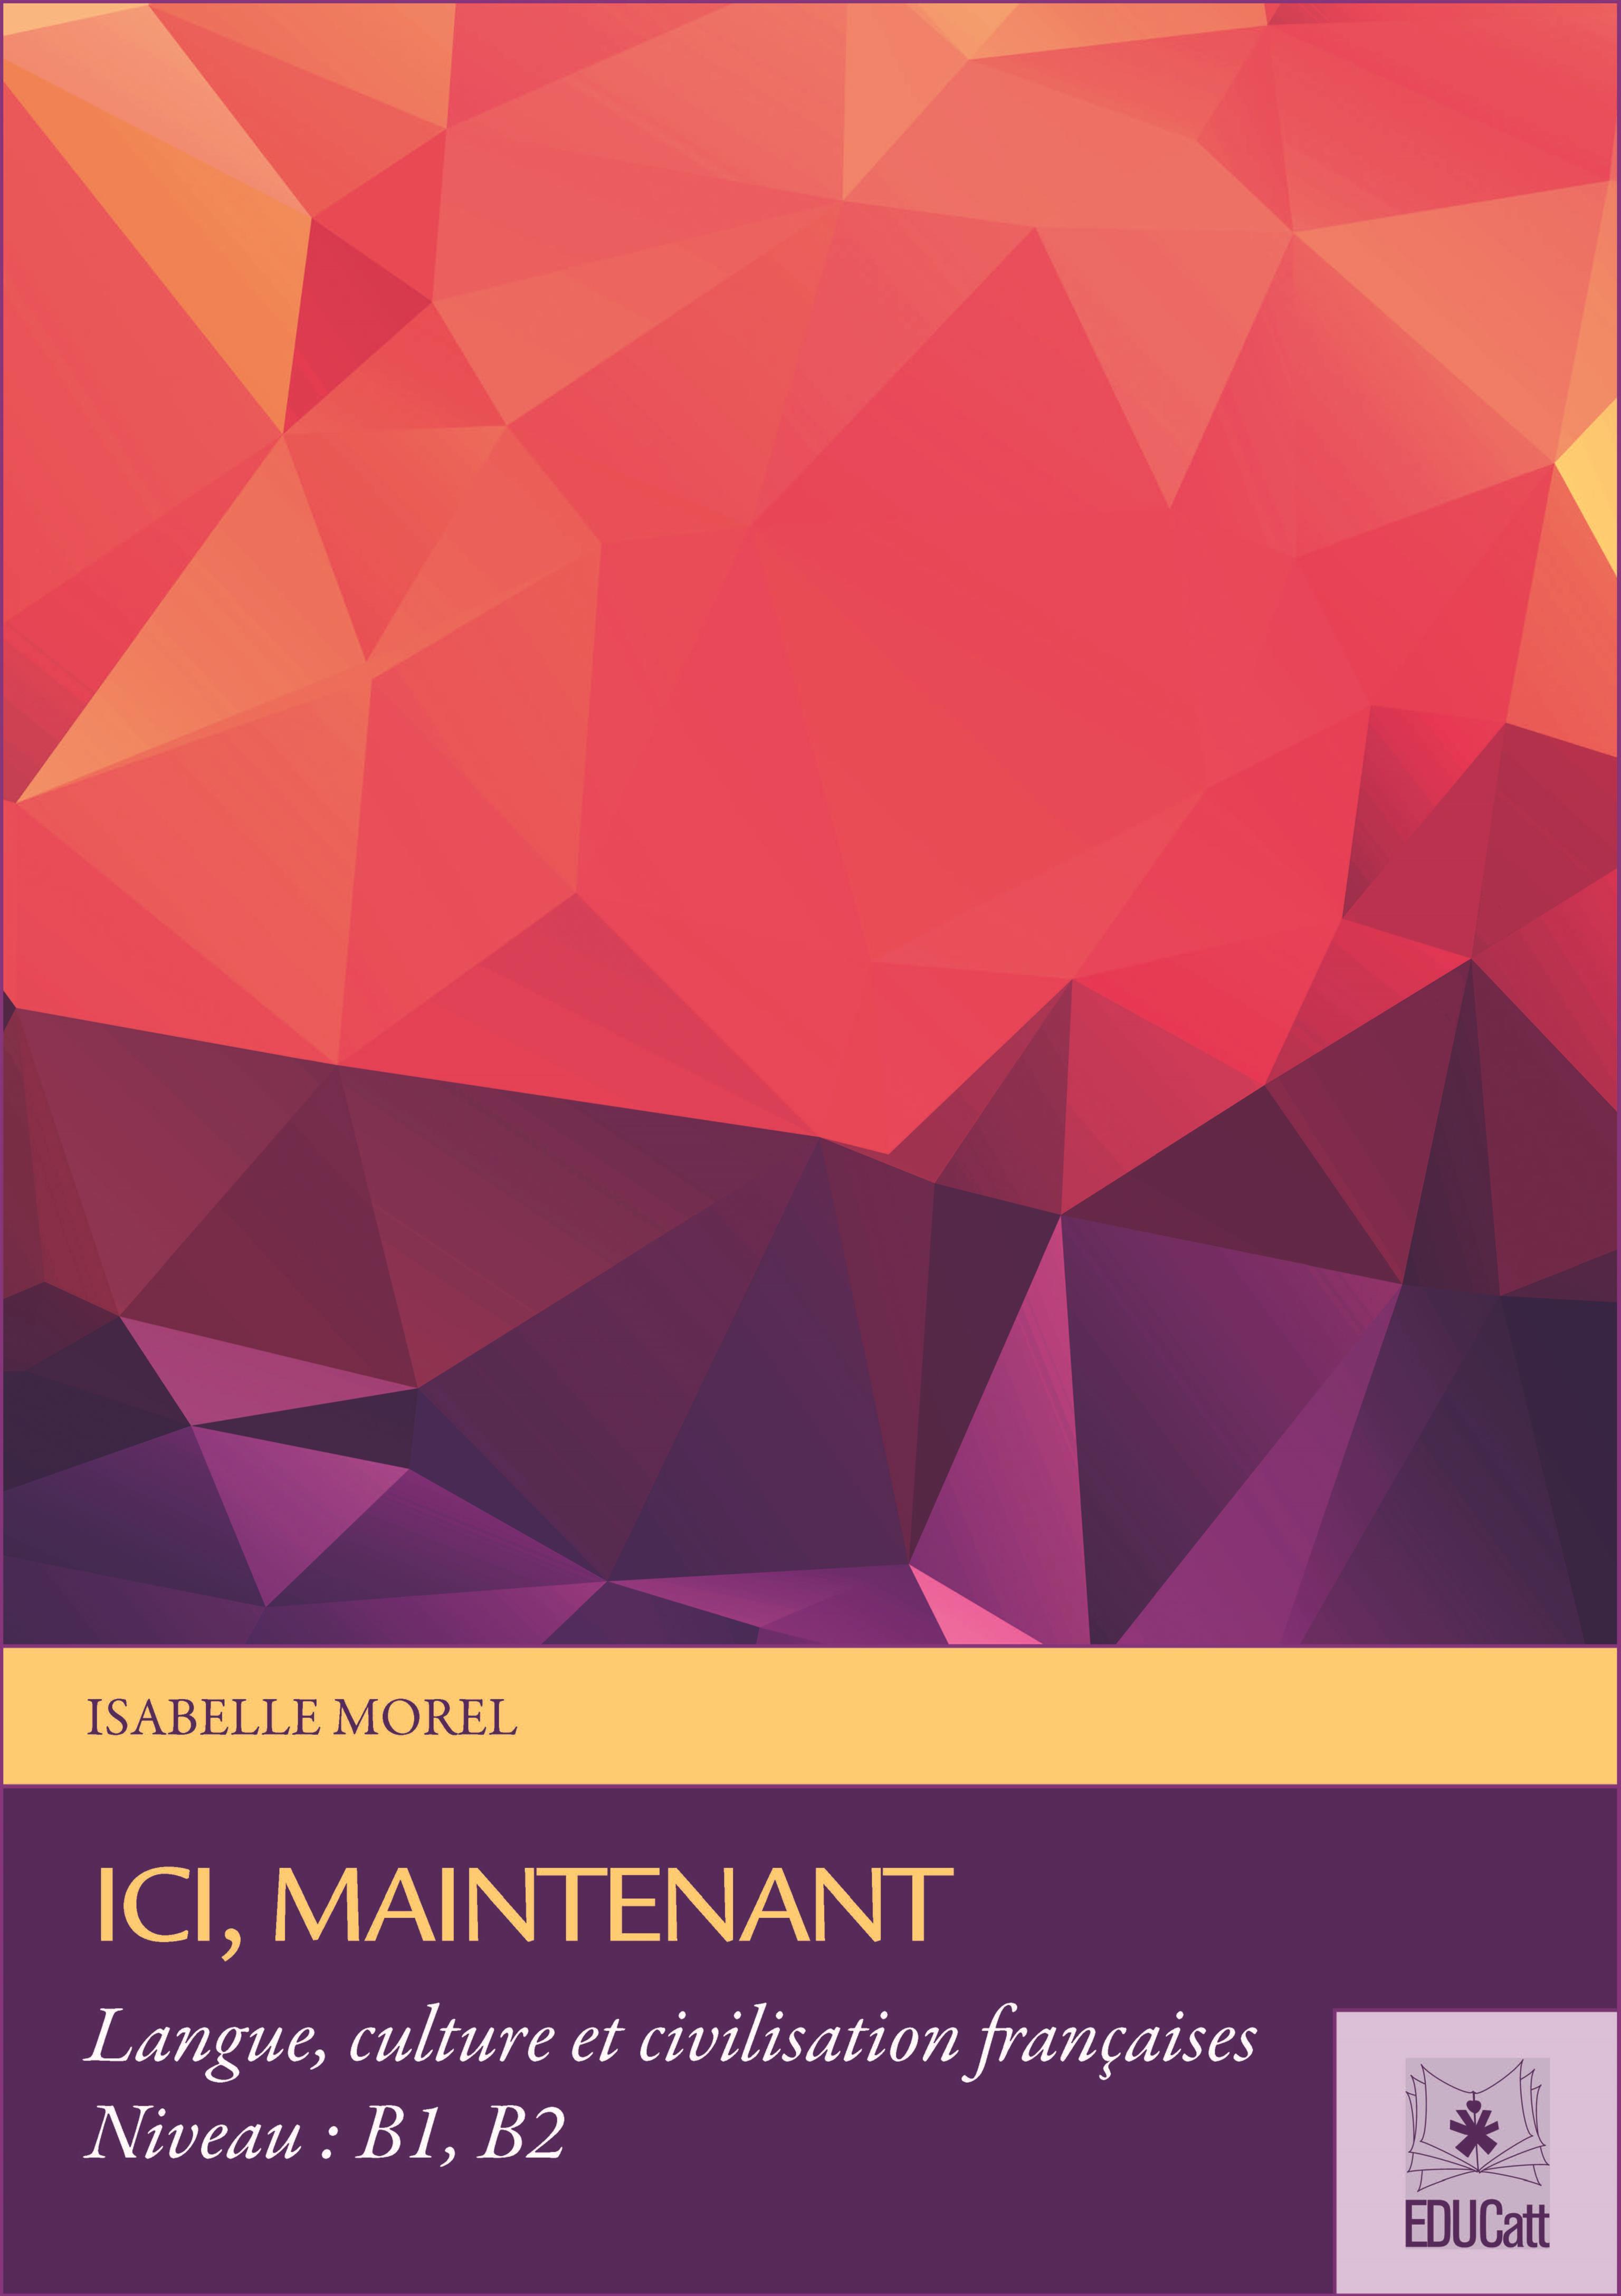 ICI, MAINTENANT. LANGUE, CULTURE ET CIVILISATION FRANCAISES. NIVEAU: B1, B2